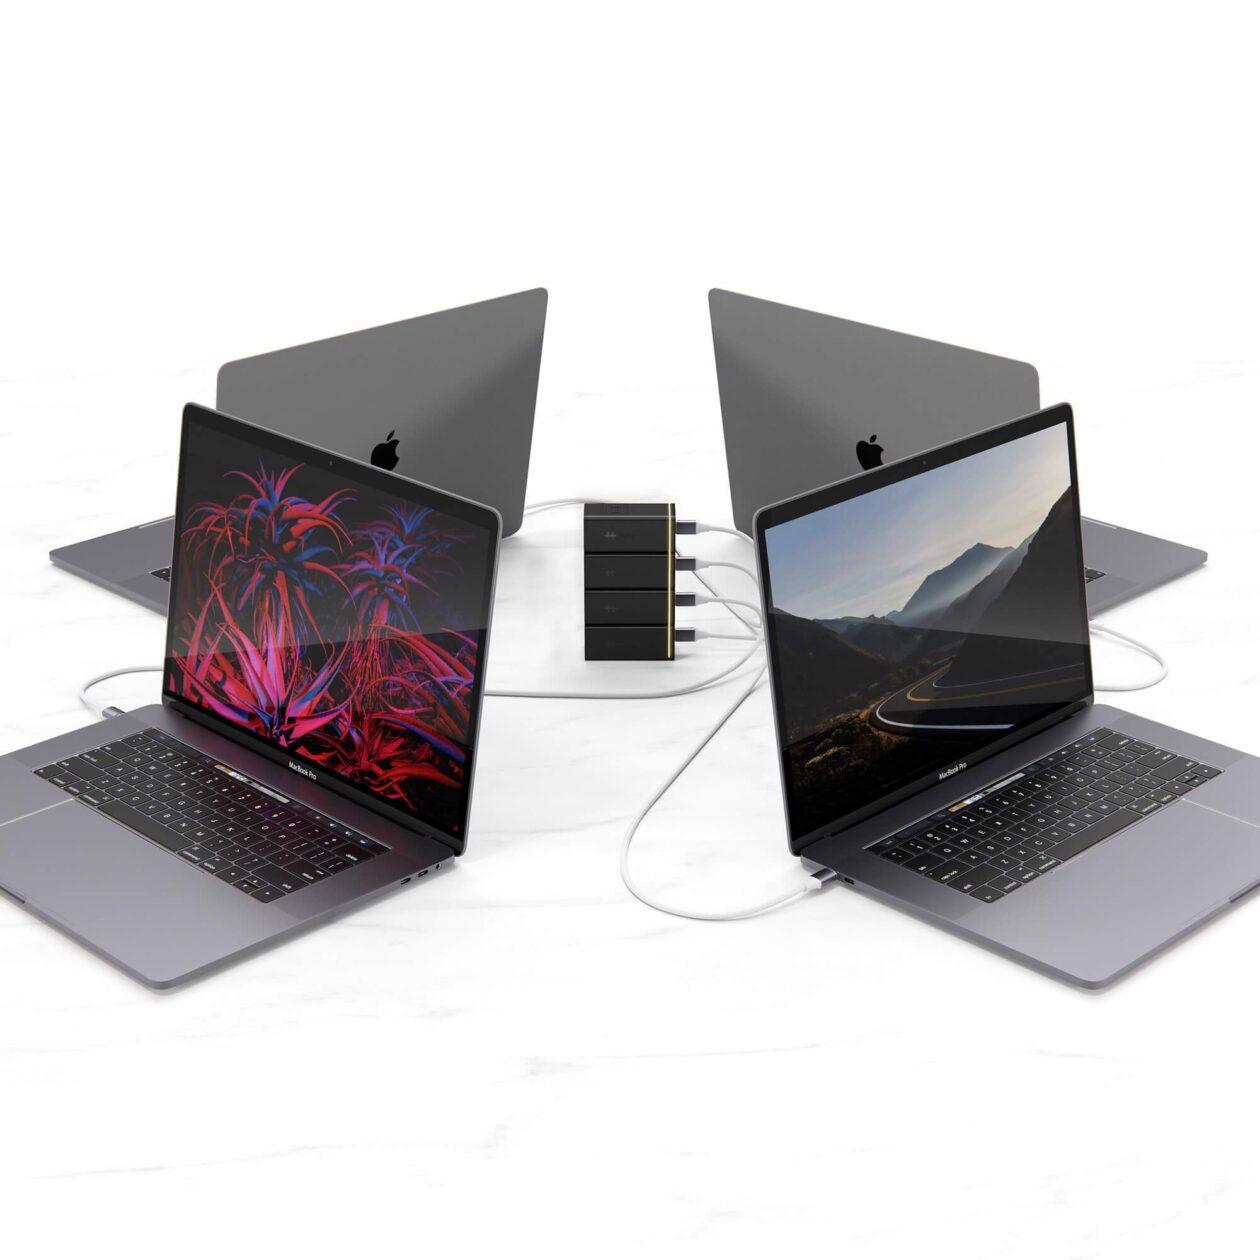 HyperJuice Stackable GaN Charger com Macs